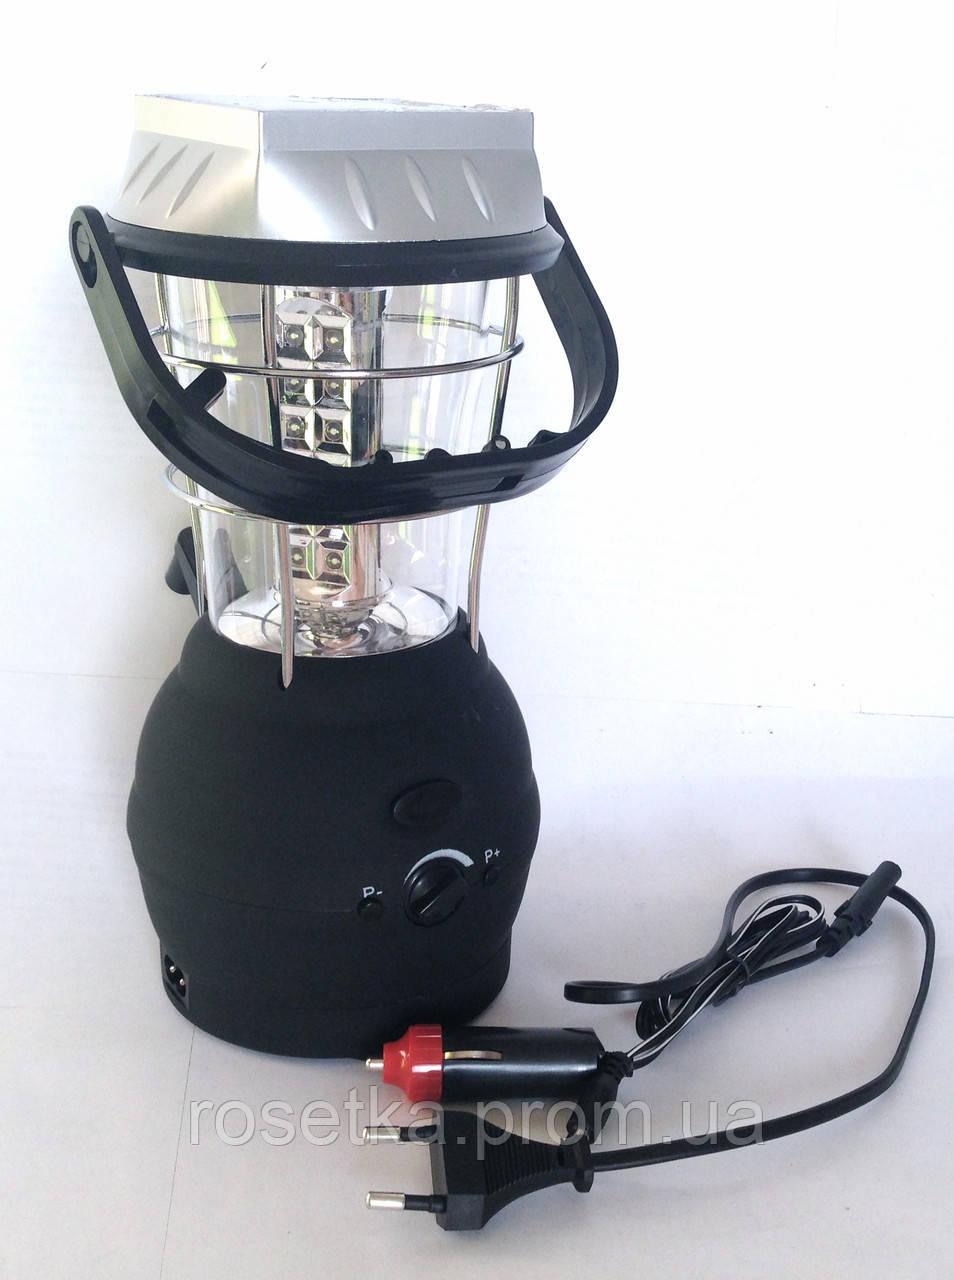 Ліхтар світлодіодний акумуляторний LT-768R від прикурювача